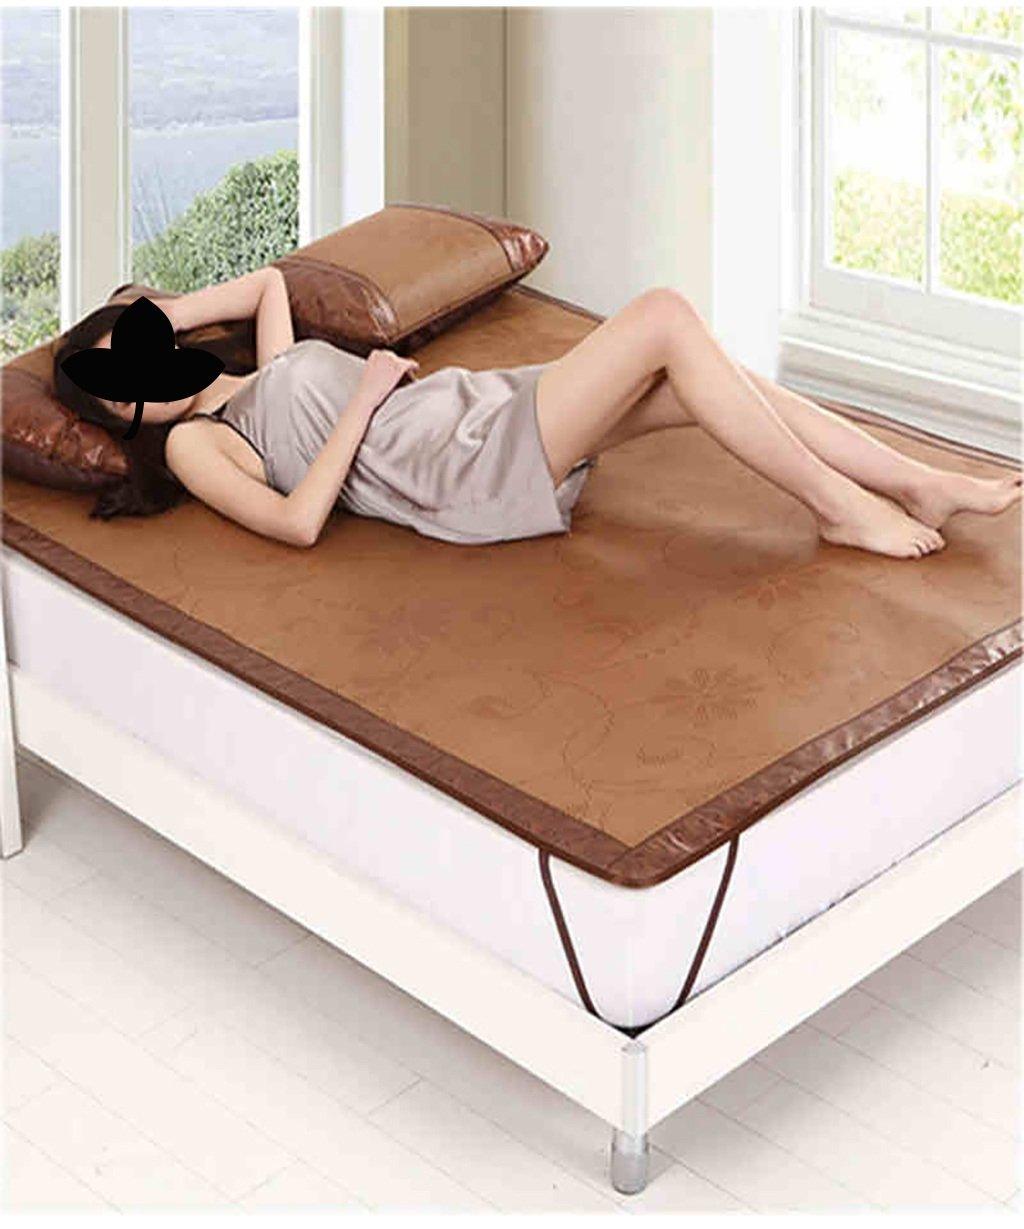 WENZHE Matratzen Strohmatte Teppiche Bambus Sommer Schlafmatten Haushalt Atmungsaktiv Faltbar Matten (Farbe : B(Breathable Type), größe : 0.8  1.9m)